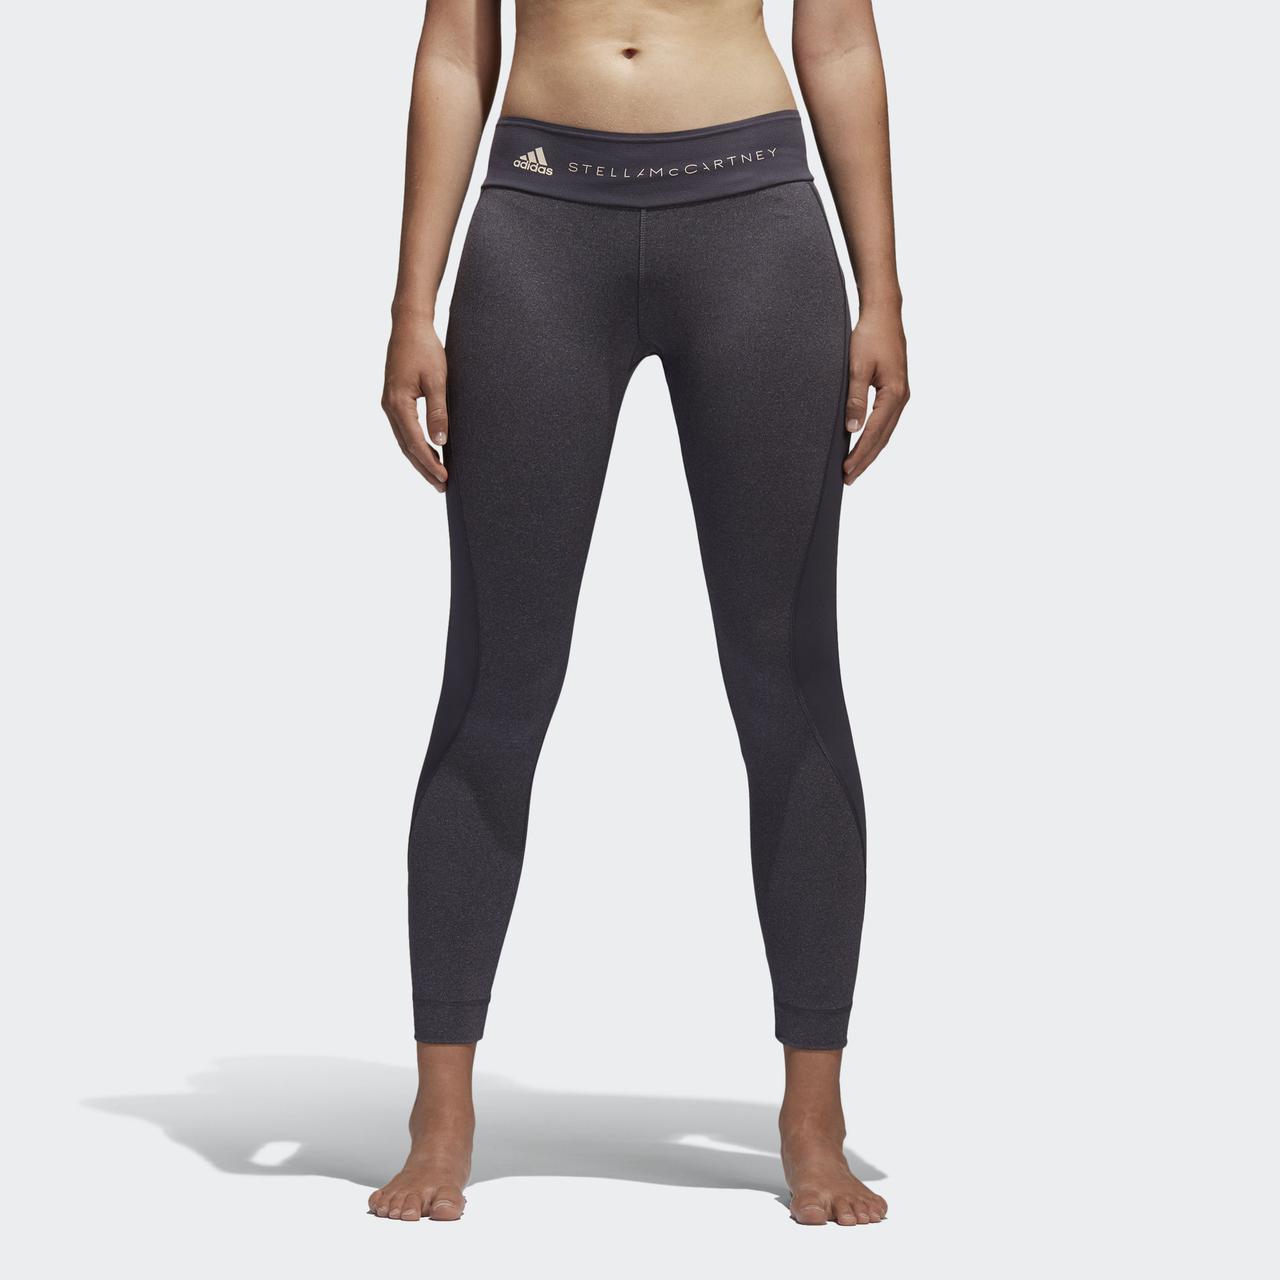 Леггинсы Yoga Ultimate Comfort, фото 1